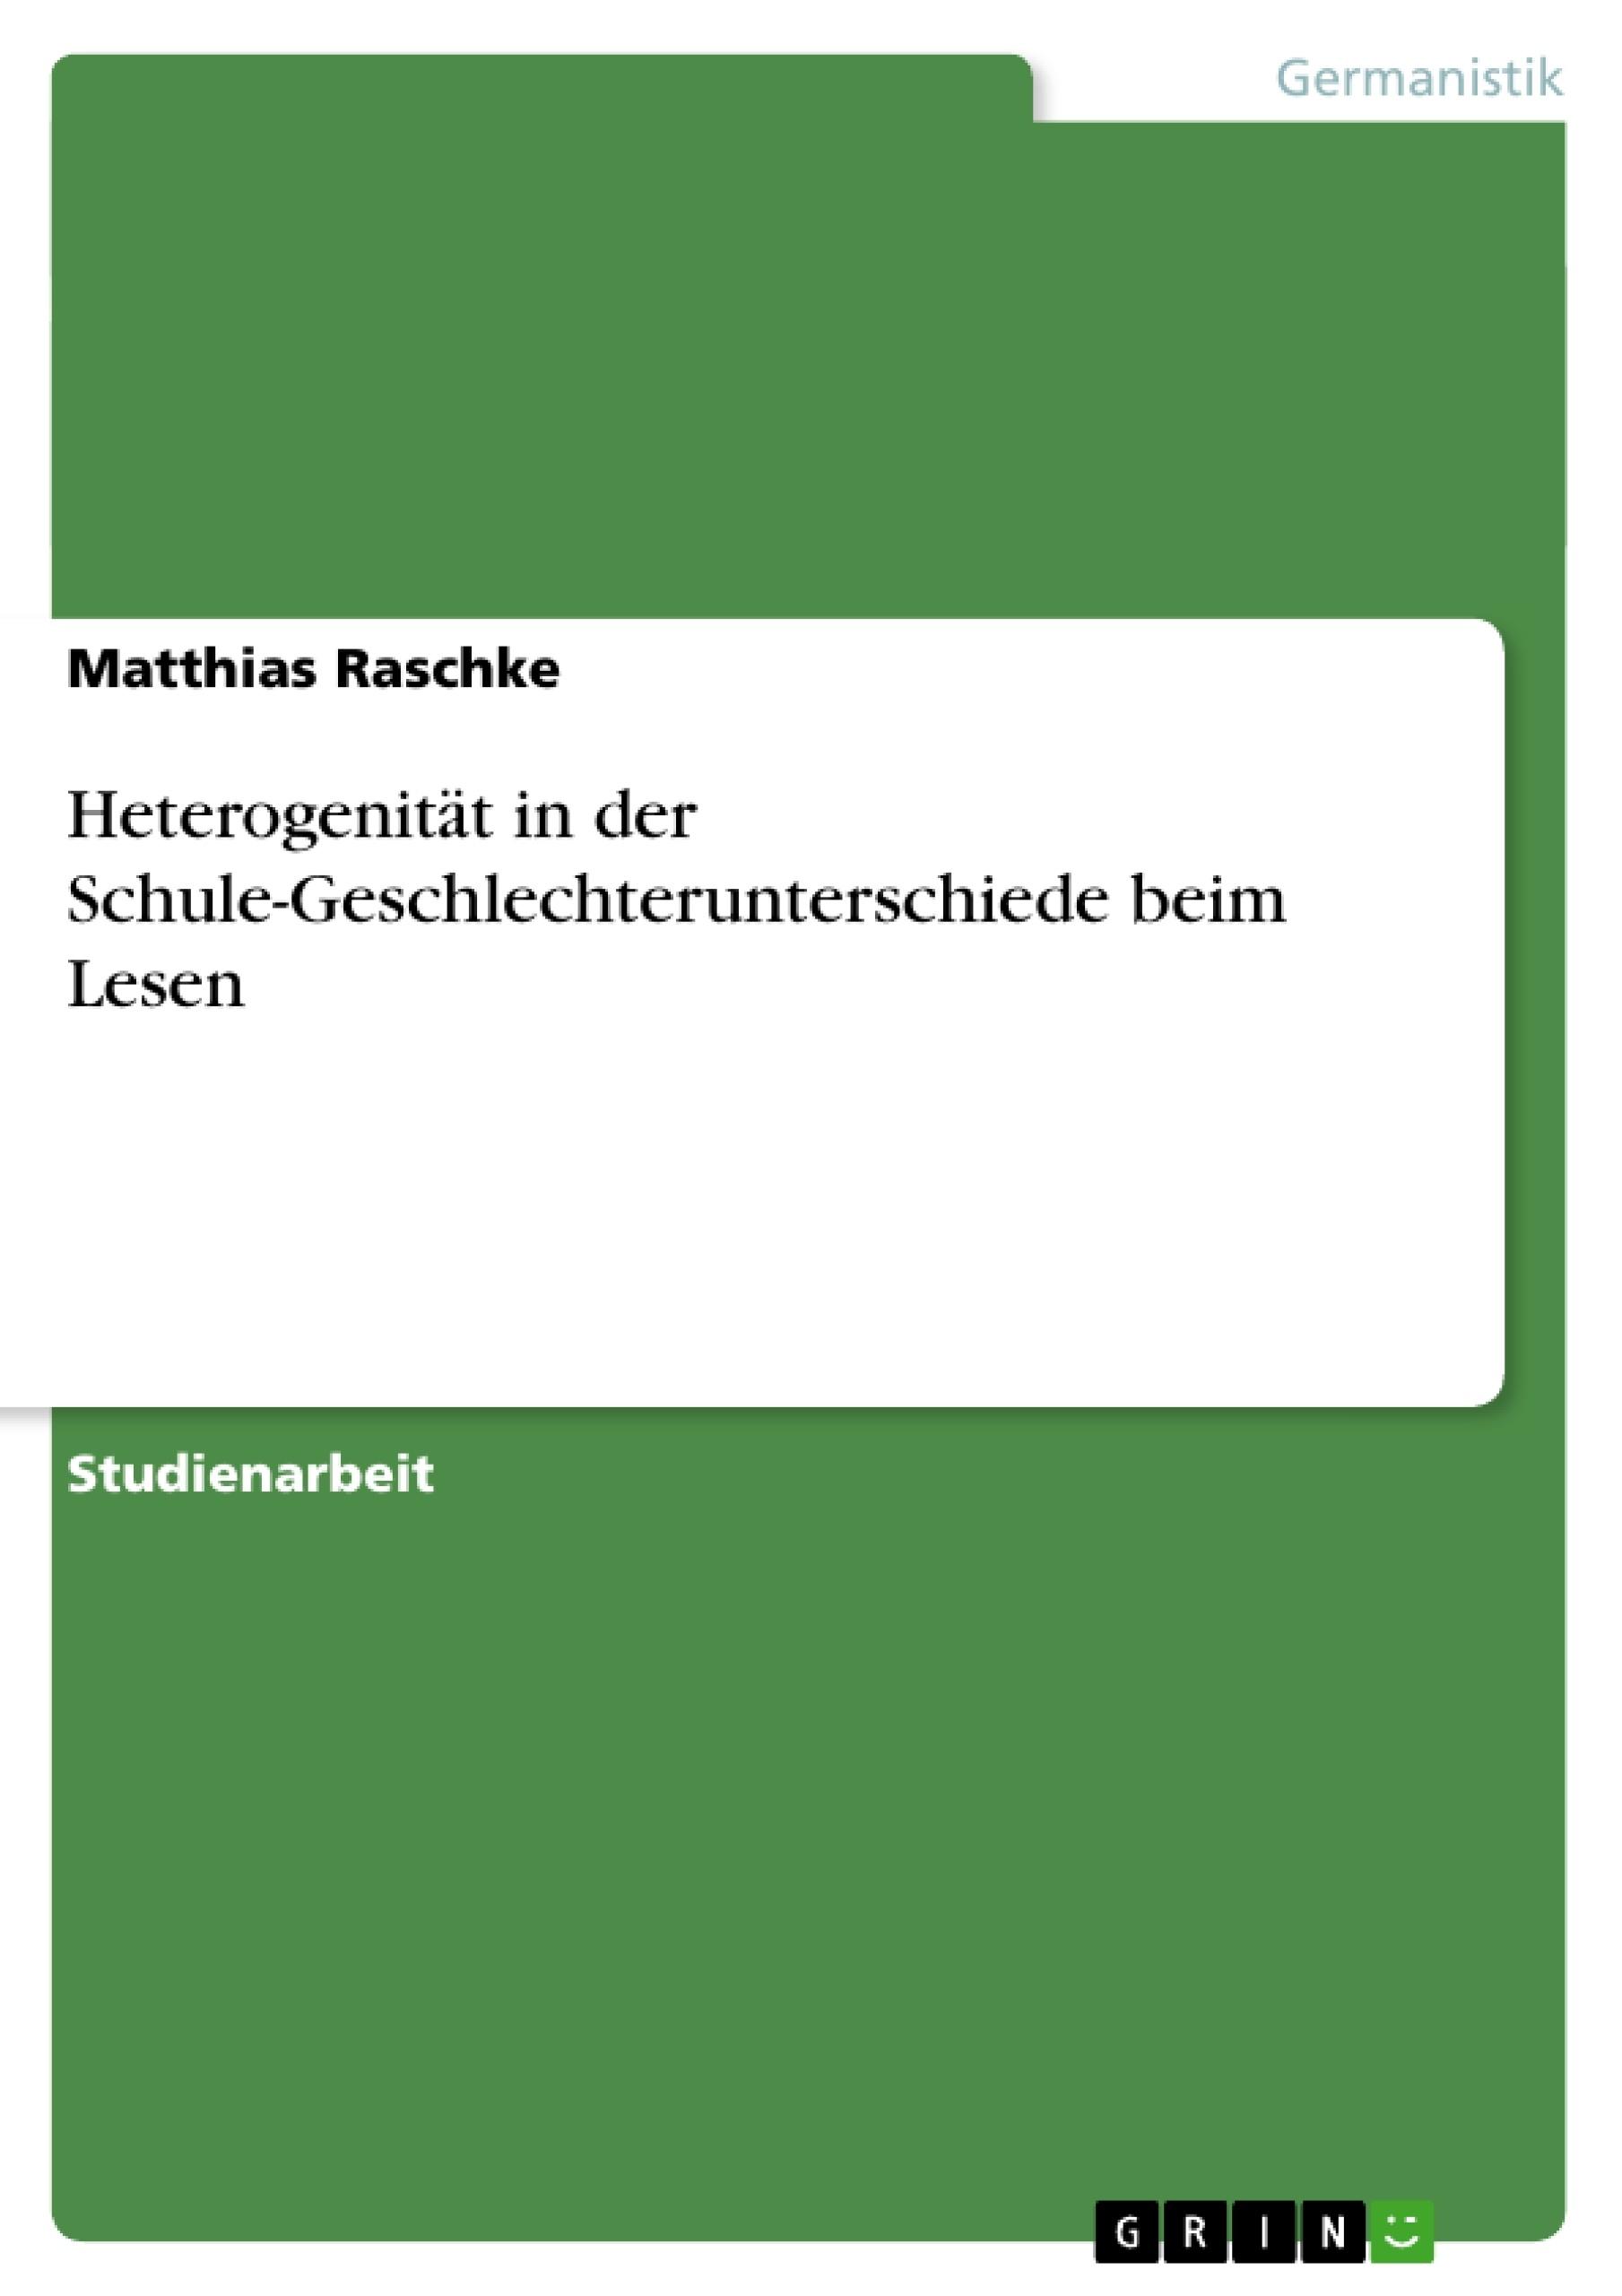 Titel: Heterogenität in der Schule-Geschlechterunterschiede beim Lesen